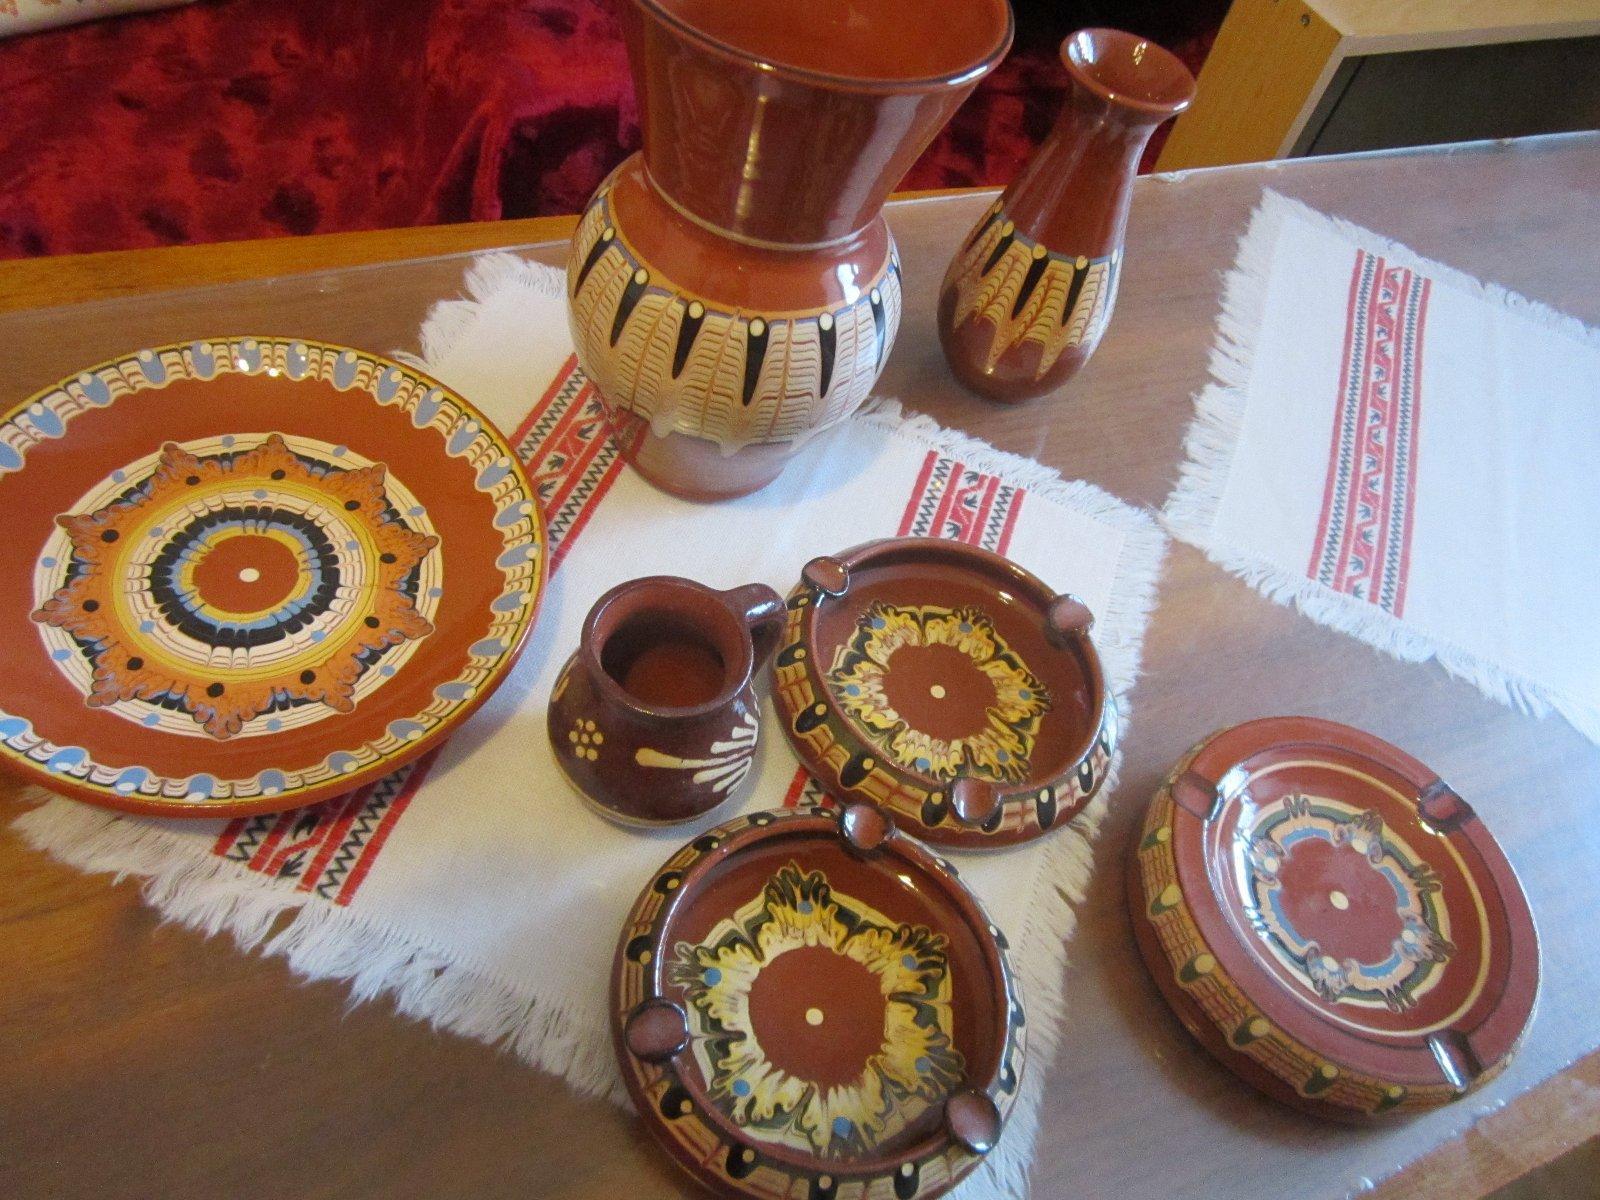 1146.keramika mix - Obrázok č. 1